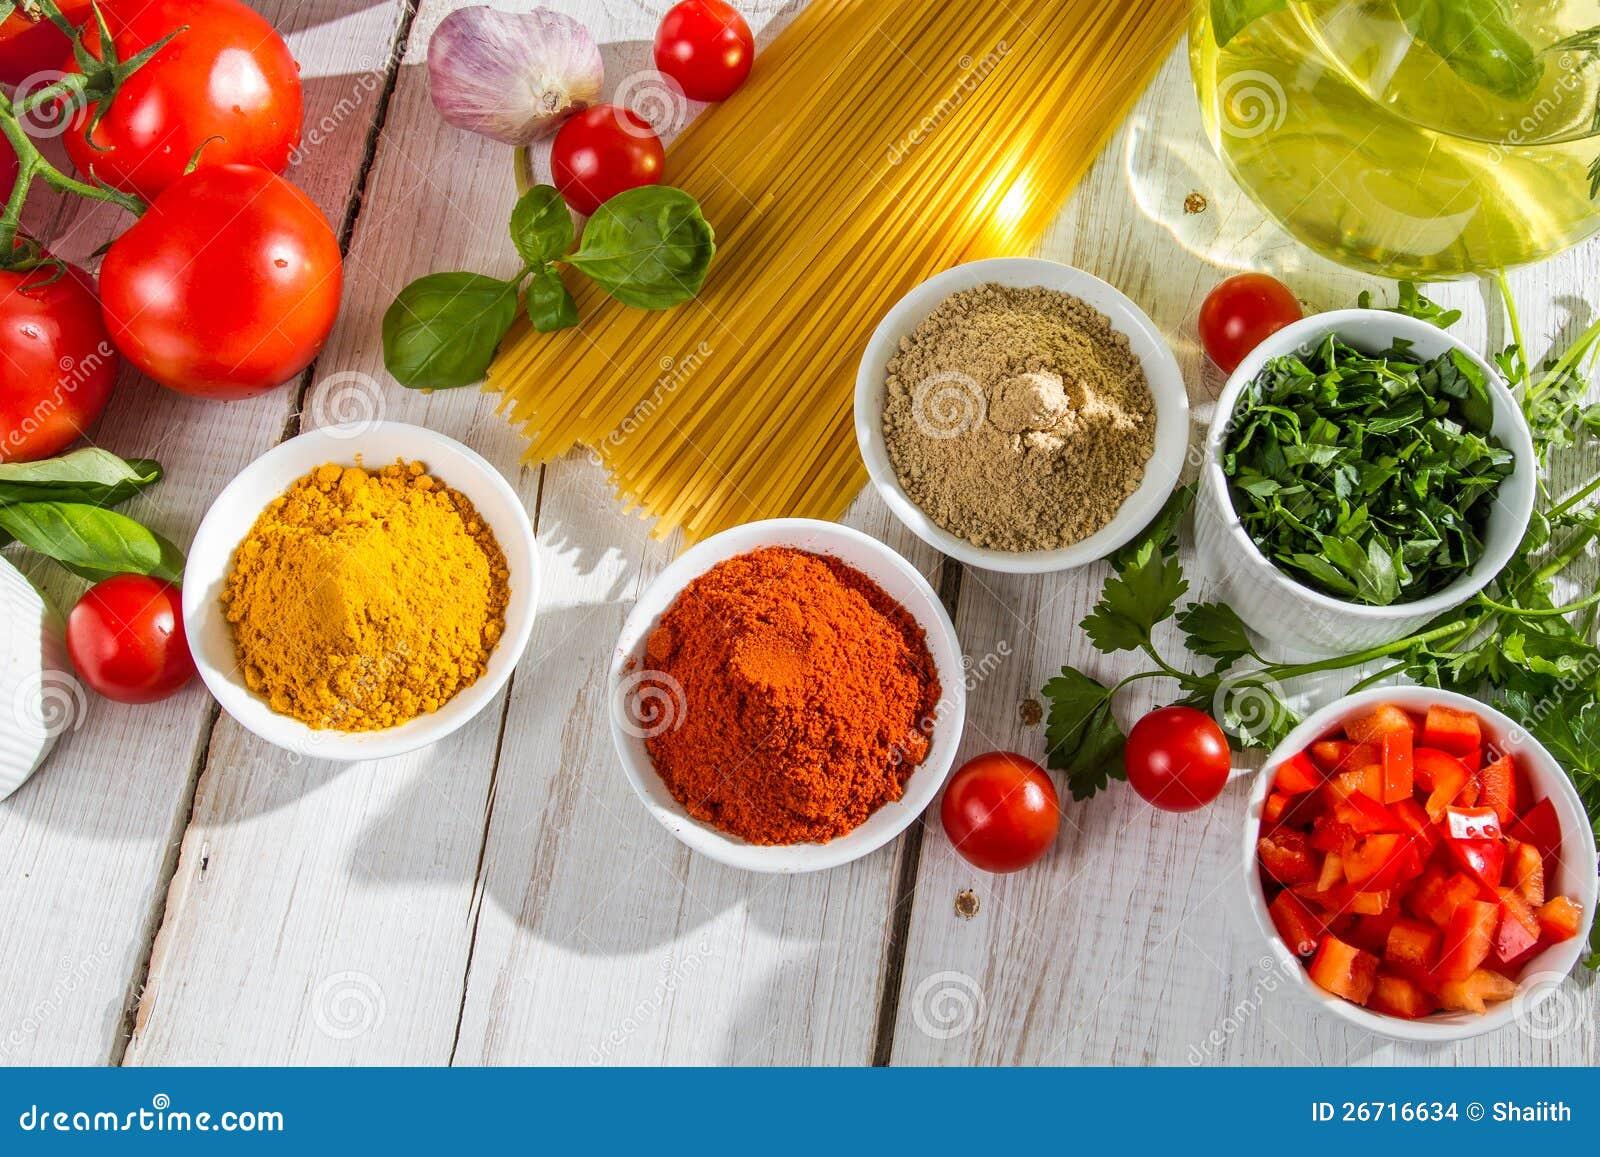 Ingredienti e spezie italiane di cucina fotografia stock - Immagini di cucina ...